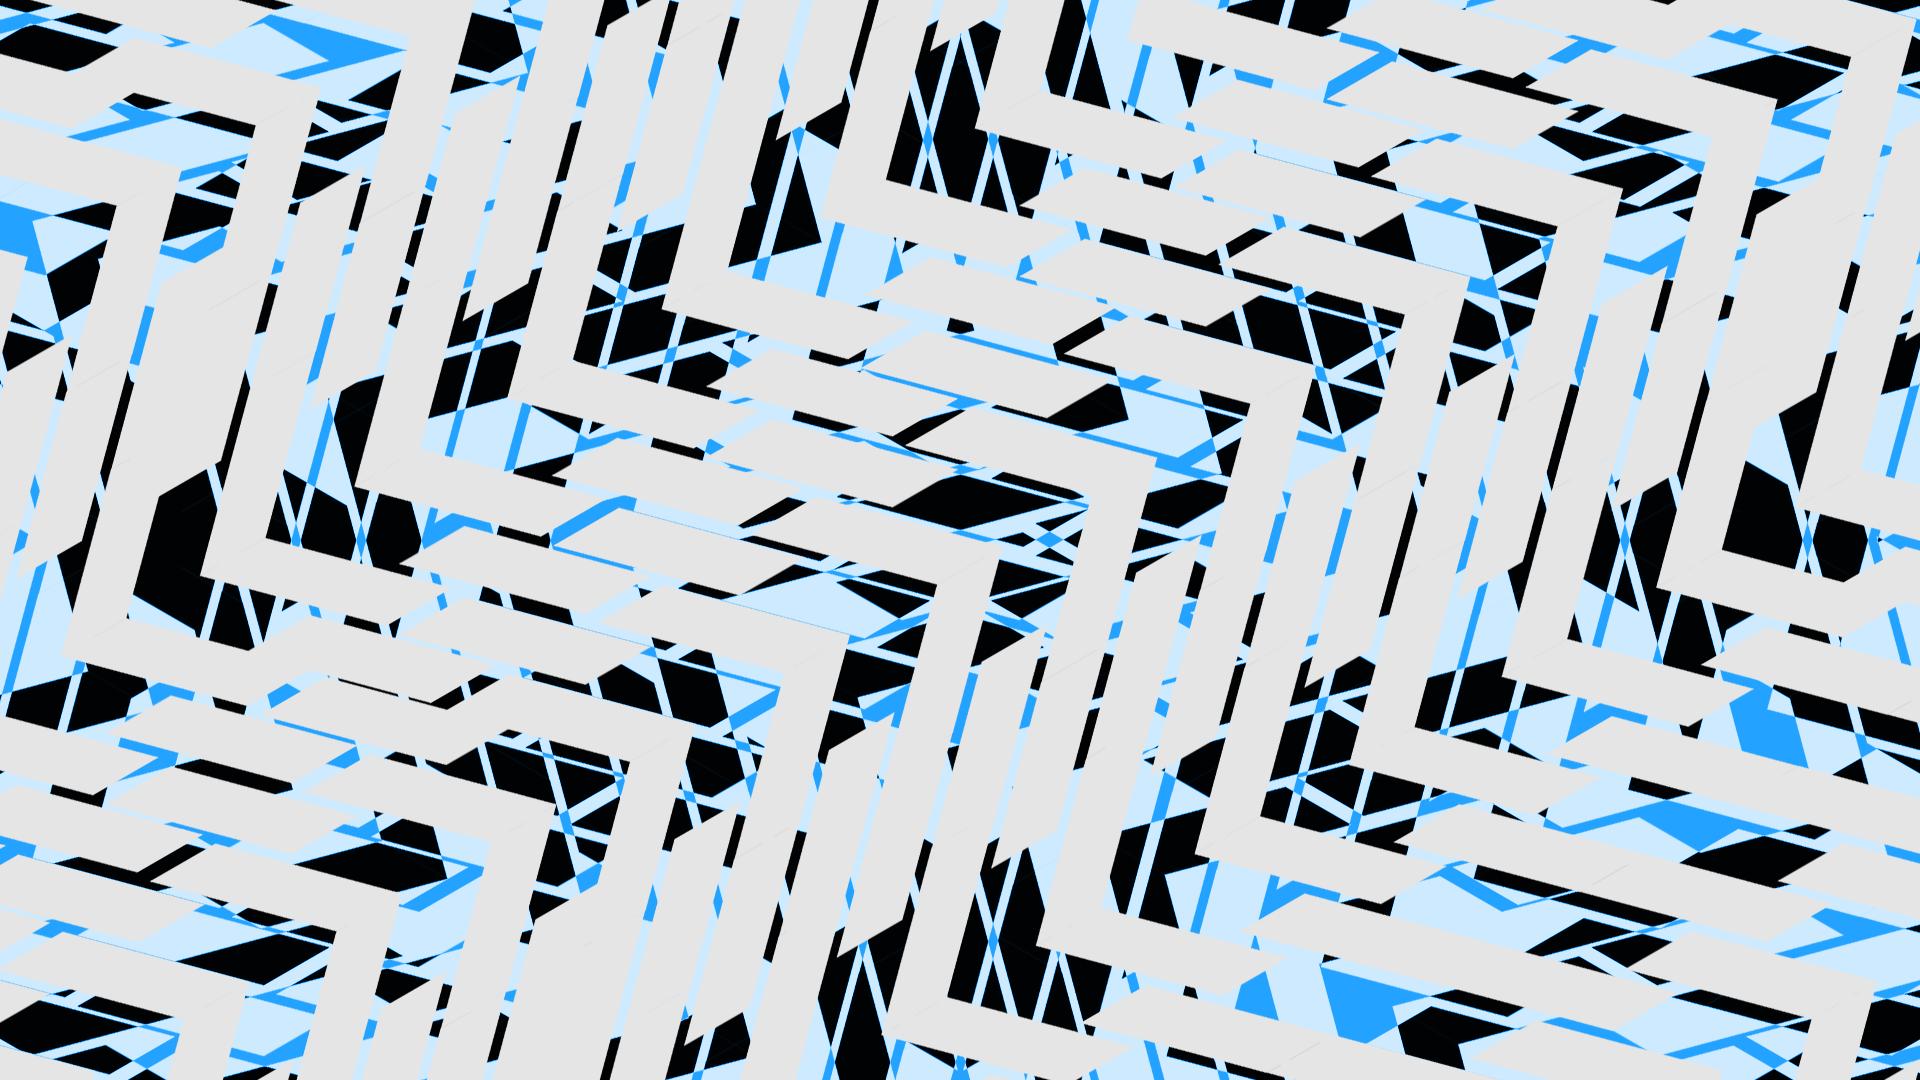 Fondos de pantalla : ilustración, arte digital, abstracto.